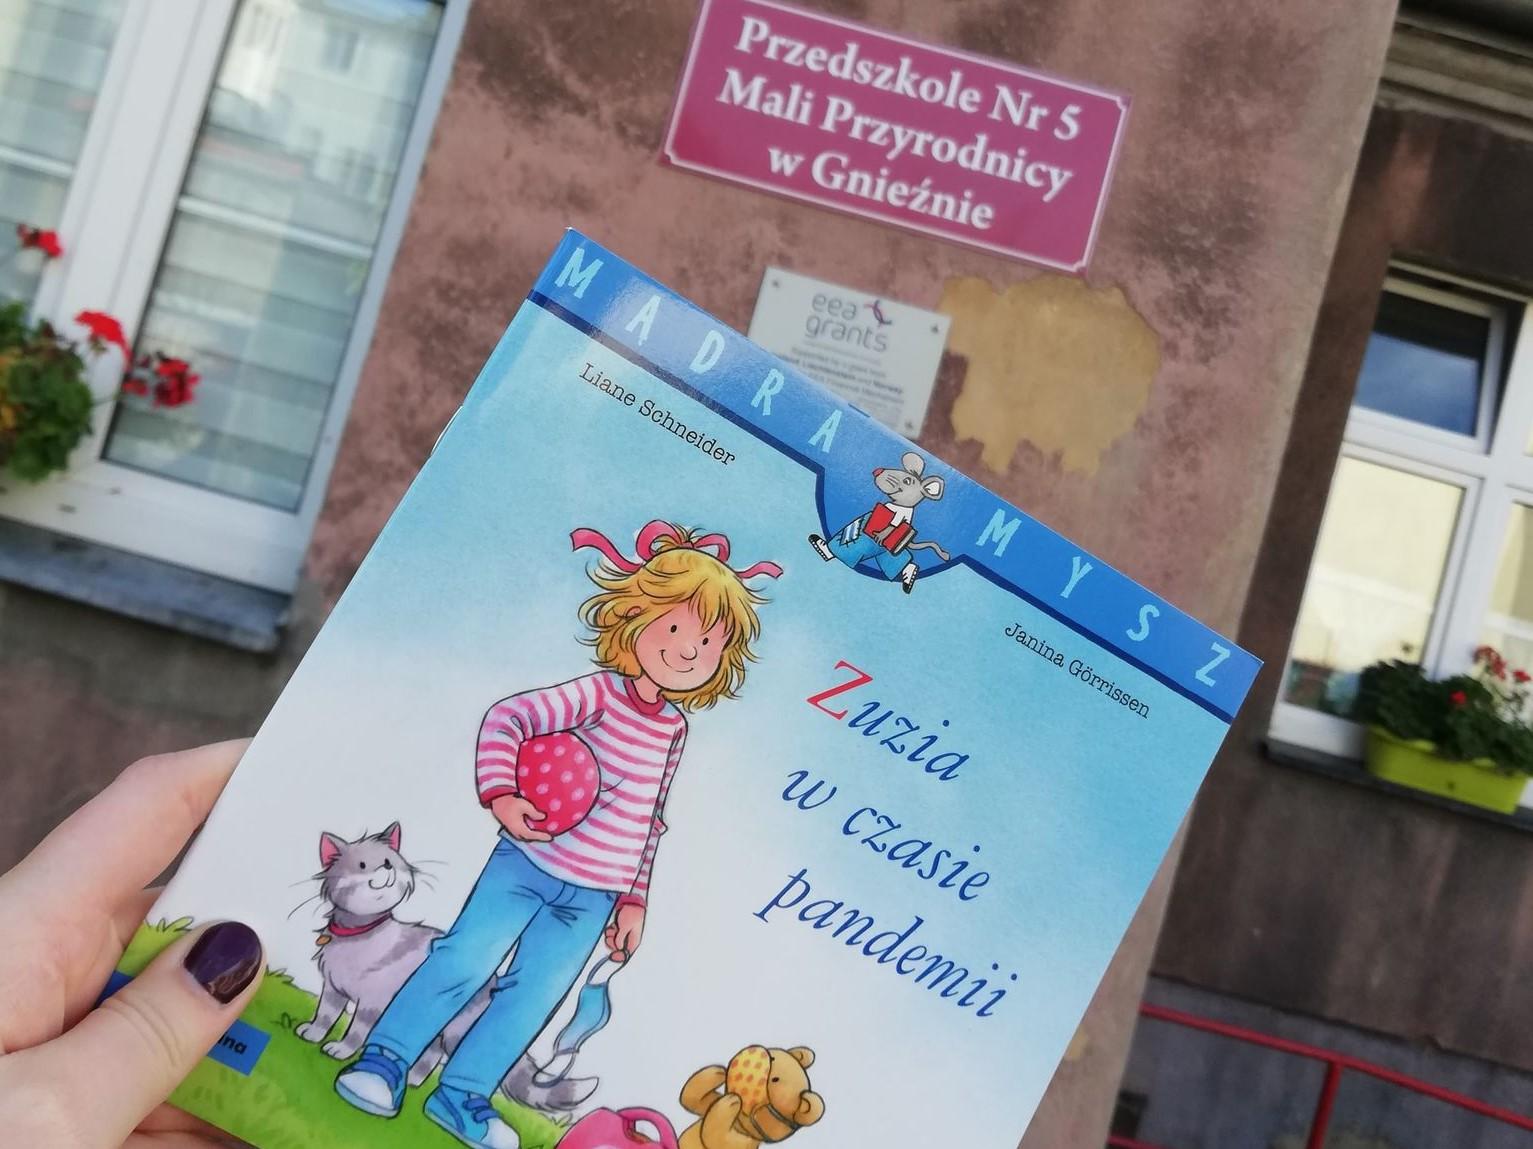 biblioteka gniezno zuzia w czasie pandemii książka - biblioteka.gniezno.pl